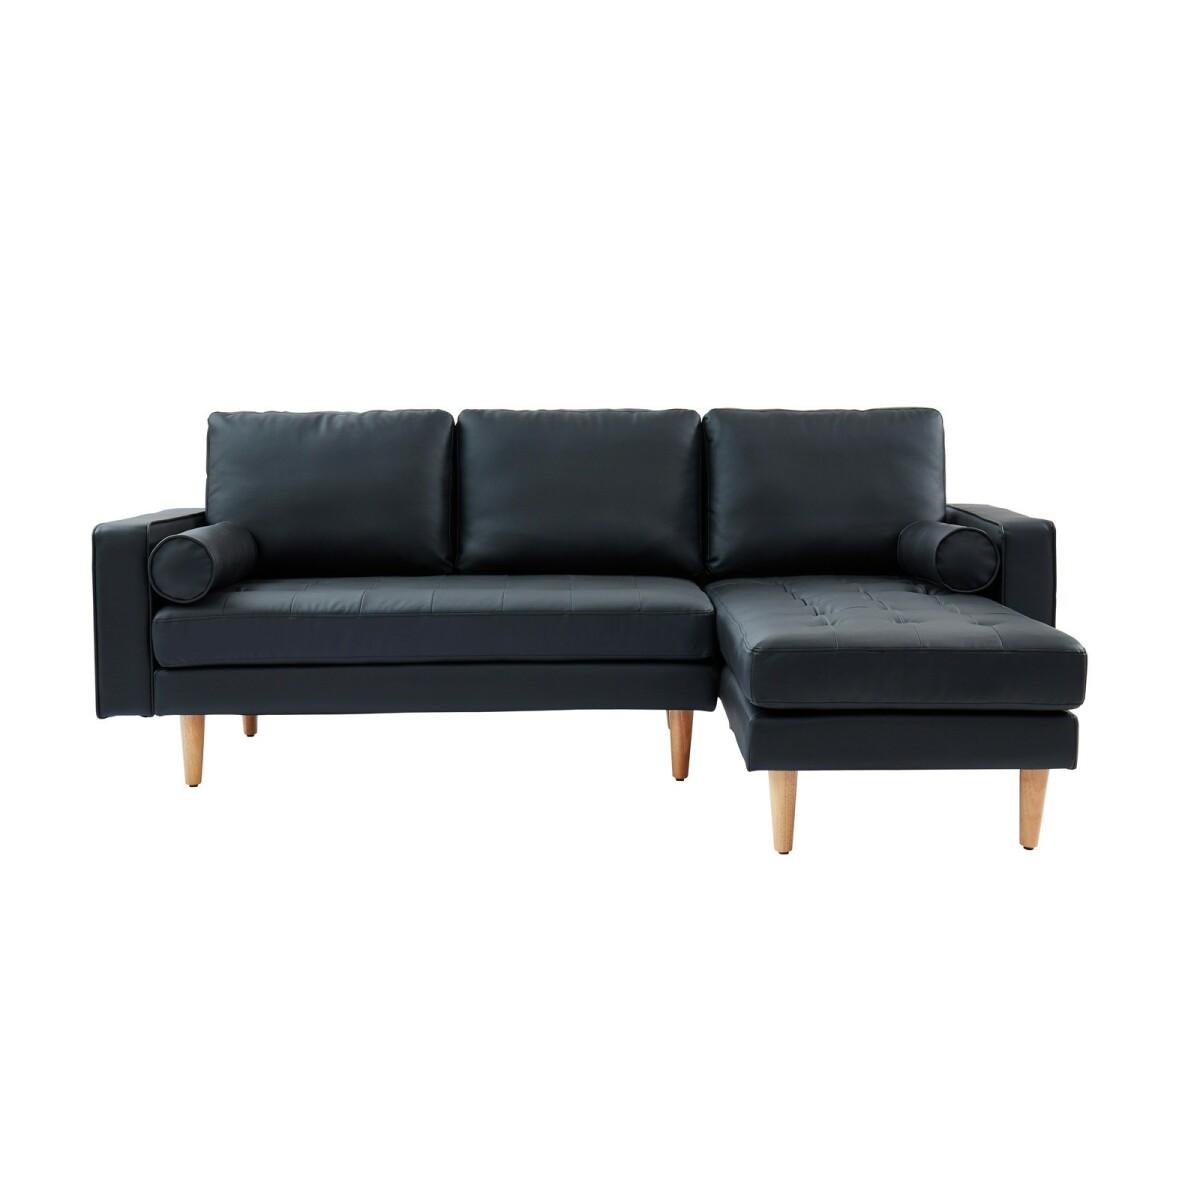 Homifab Canapé d'angle réversible 3 places en simili cuir noir - Collection Charly